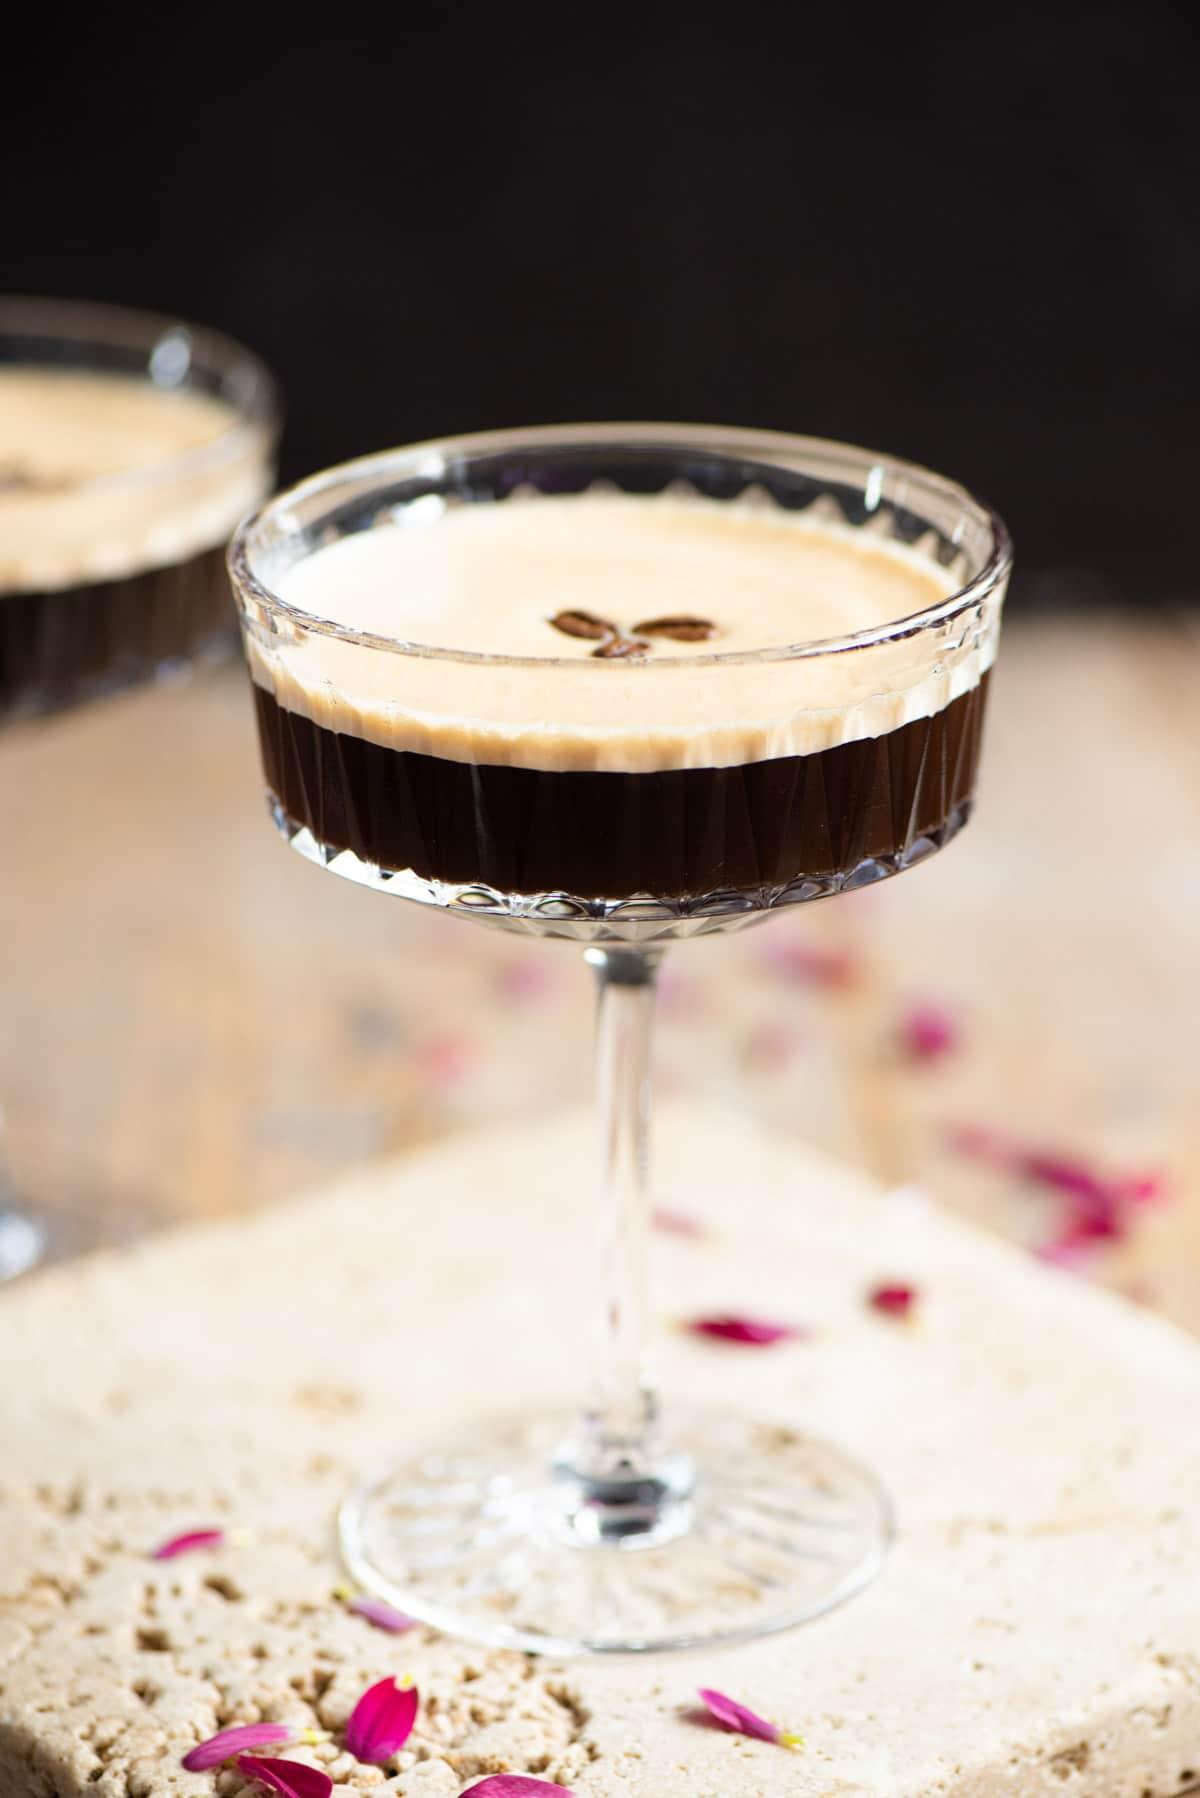 An espresso martini in a cocktail glass